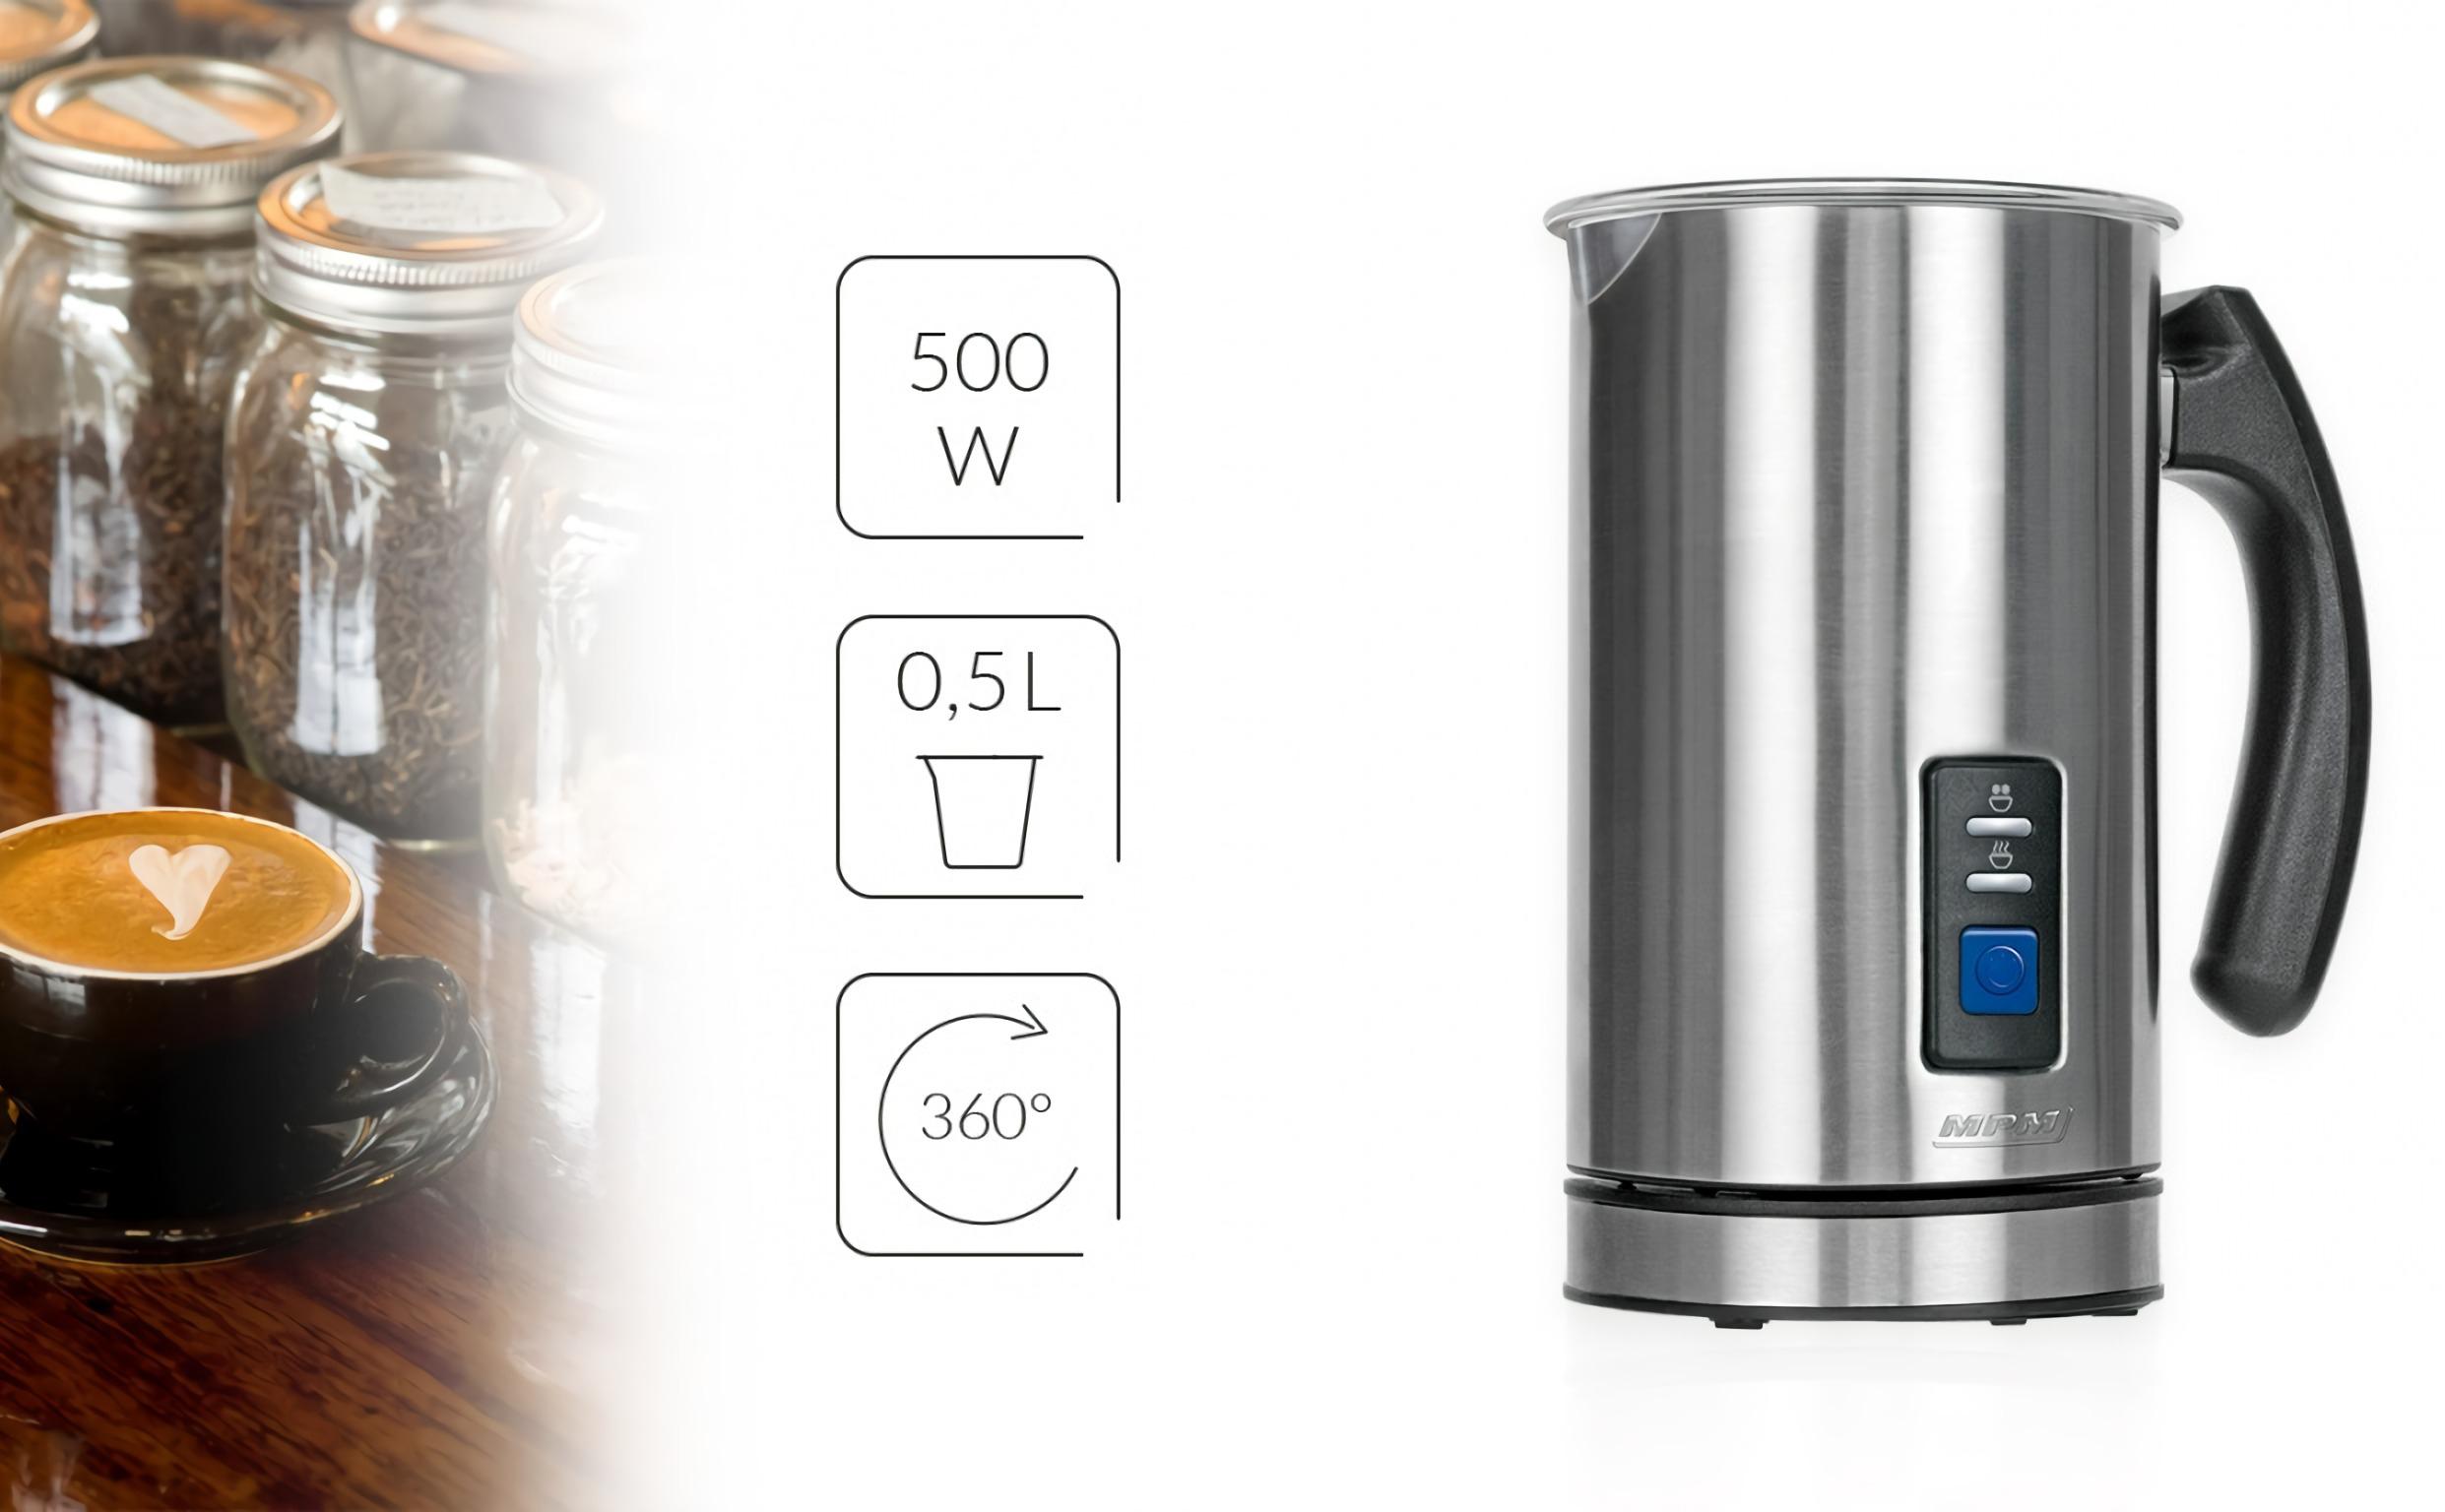 MPM MKW-03M Espumador de Leche Automático Batidor de leche Eléctrico 500W Vaporizador y Calentador Leche 500 ml Hace Espuma en Caliente-Frío, Tapa Transparente, Acero Inoxidable